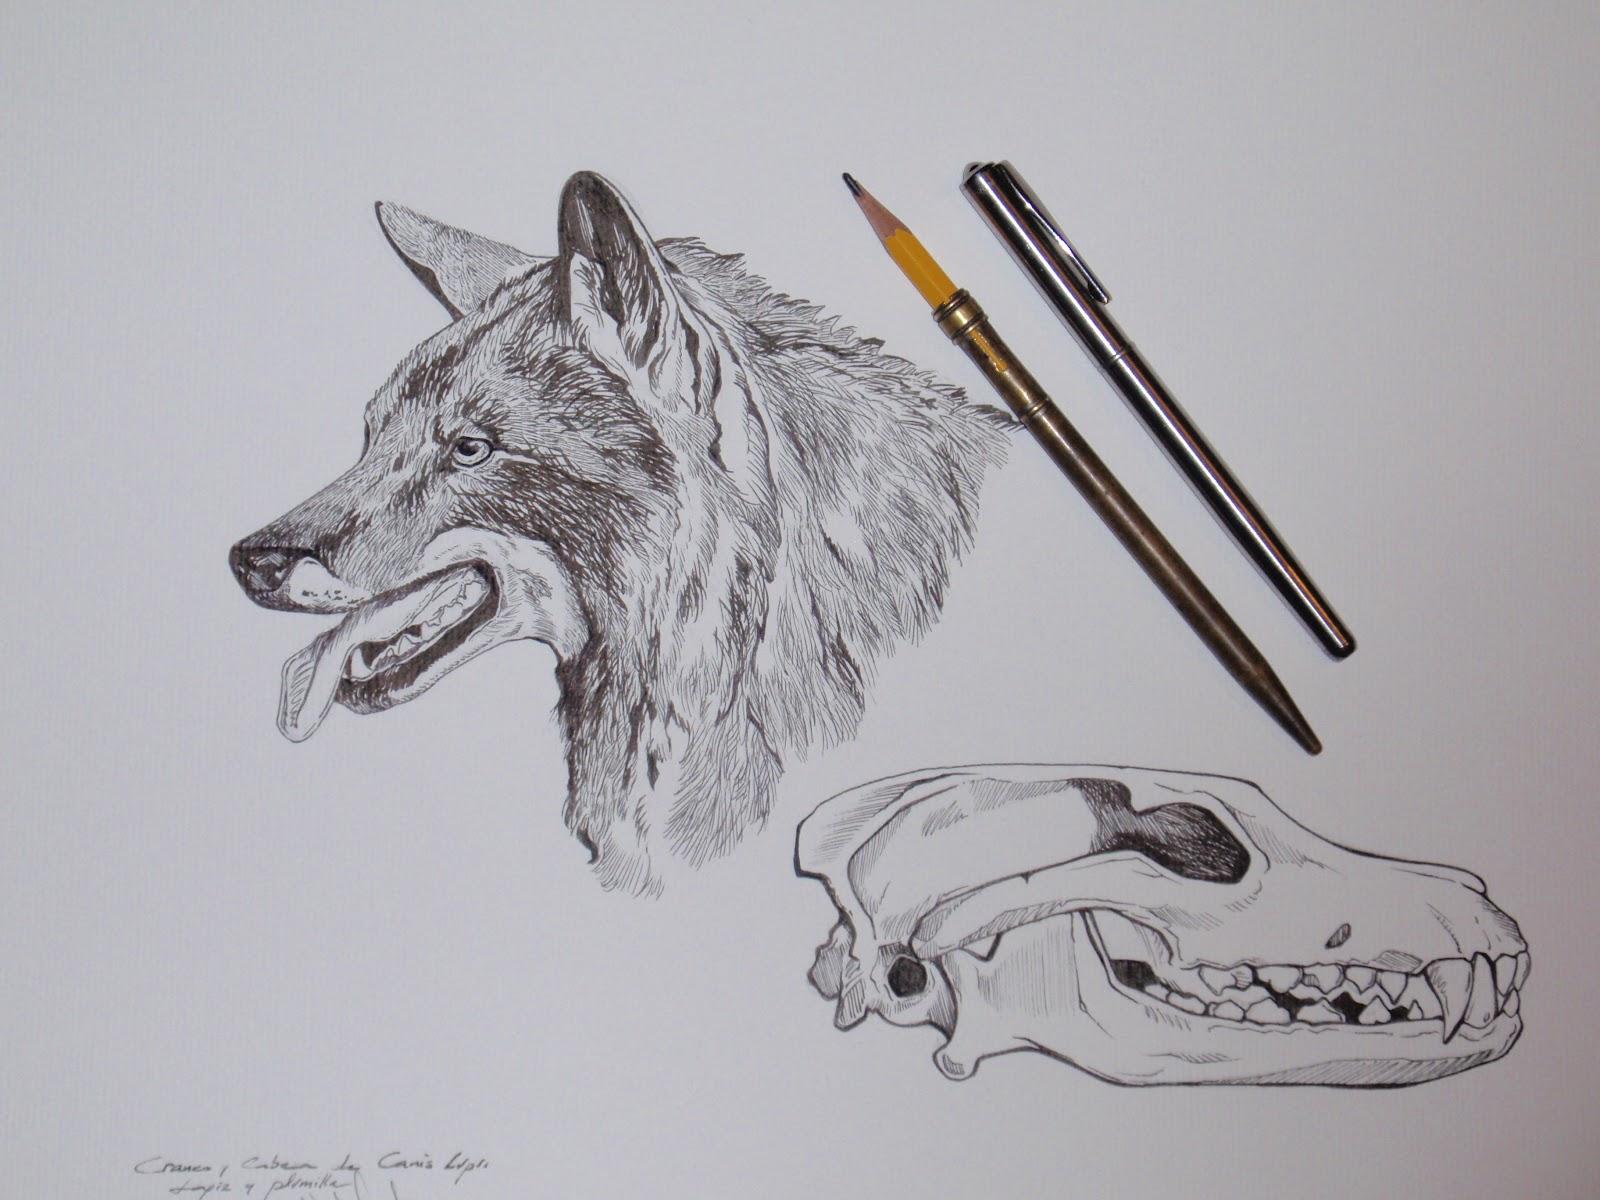 Nor Martin Ilustracion Un Dibujo A Plumilla Sobre Cráneo Y Detalle